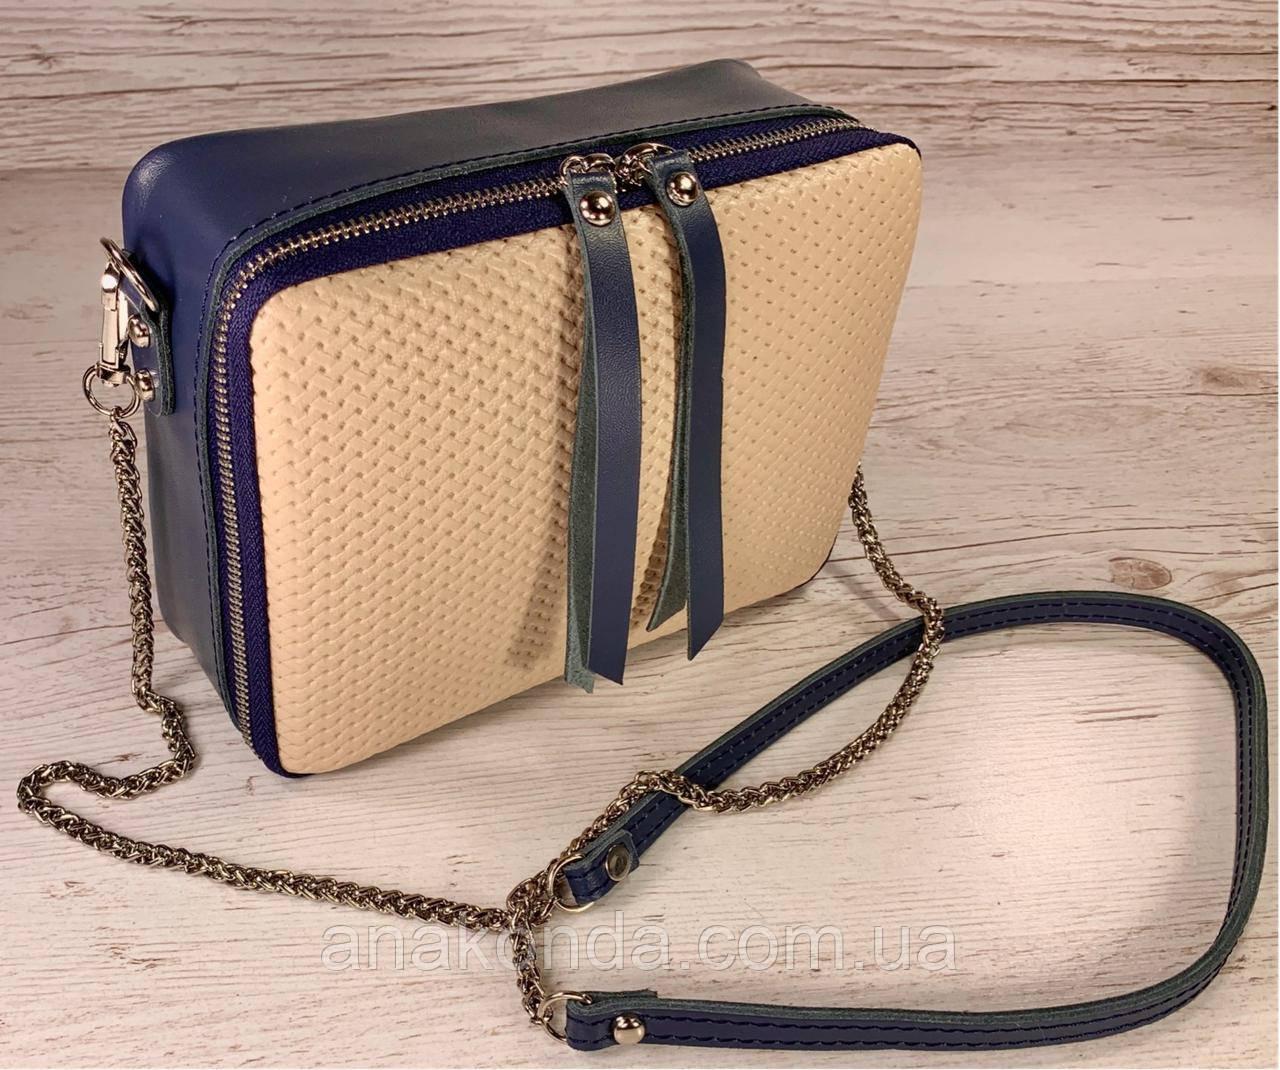 64-5 Натуральная кожа Сумка женская кросс-боди синяя бежевая Кожаная сумочка Сумка кожаная синяя бежевая